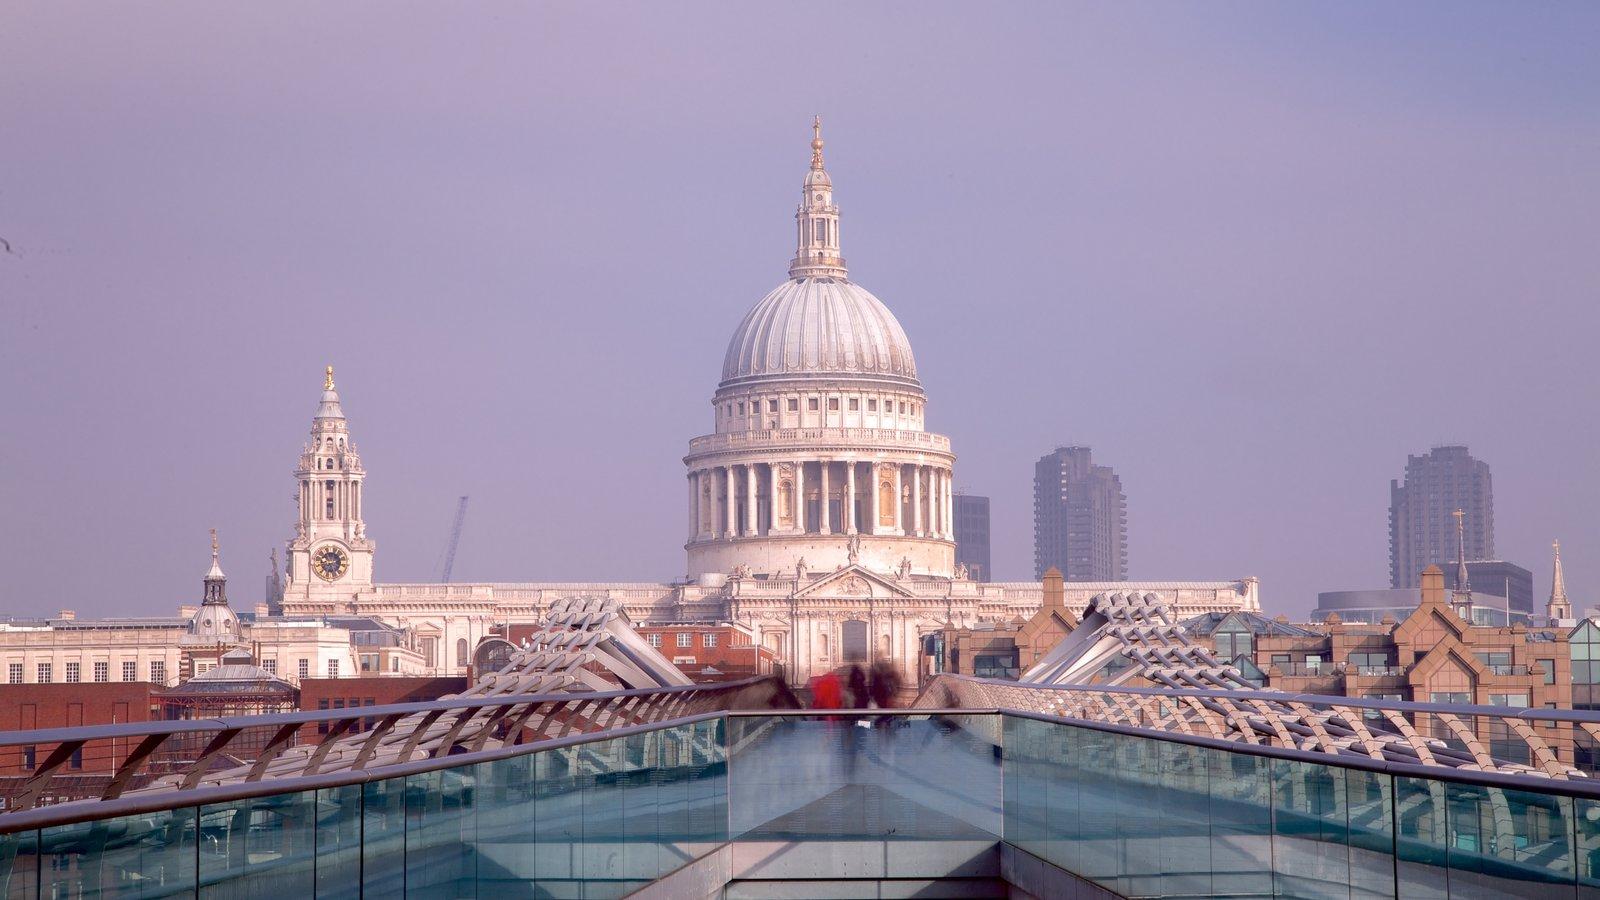 St. Paul\'s Cathedral caracterizando uma cidade e uma igreja ou catedral